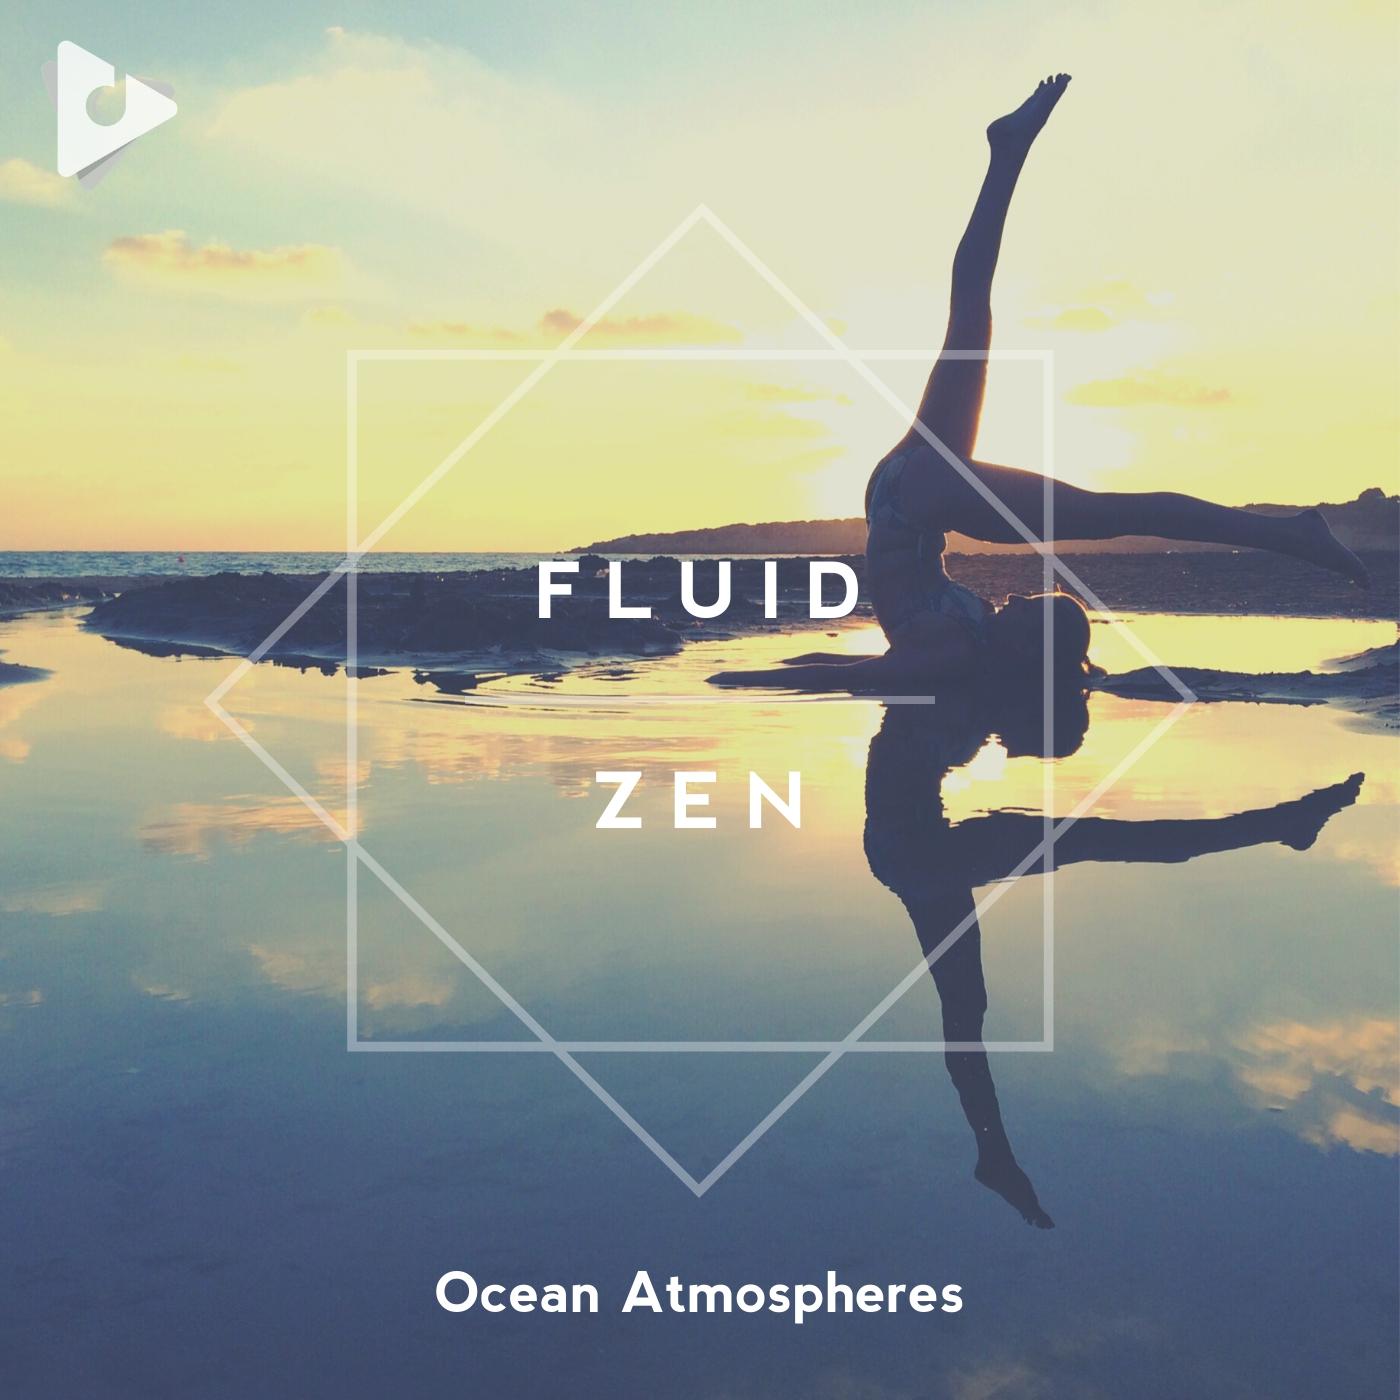 Fluid Zen